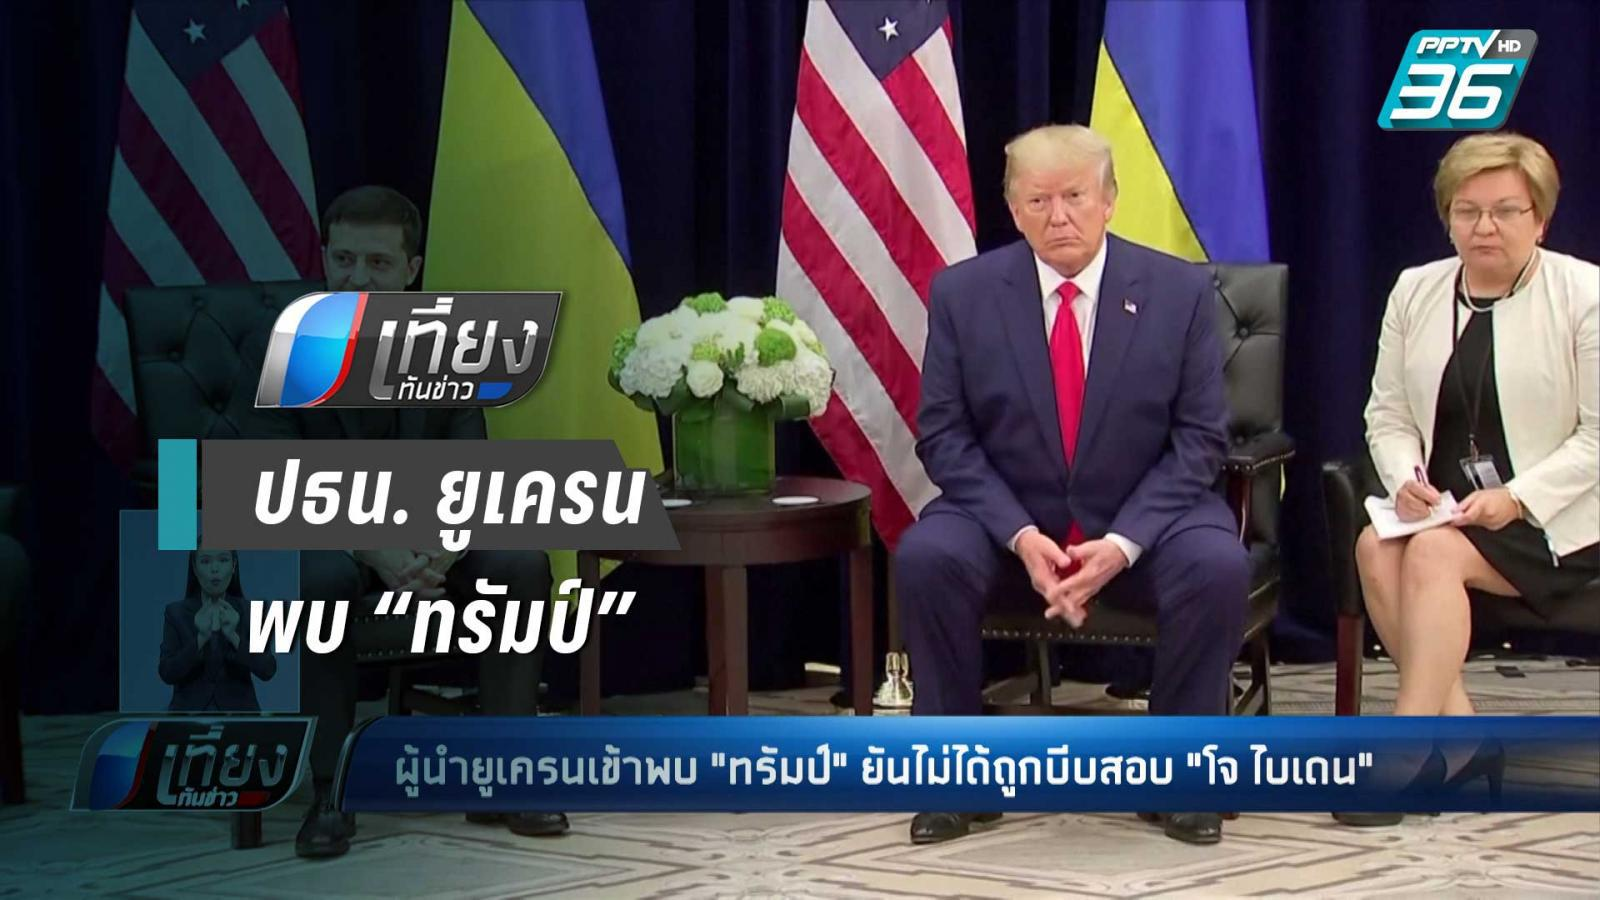 """ประธานาธิบดียูเครน พบ """"ทรัมป์"""" ปัดไม่มีใครบีบ"""